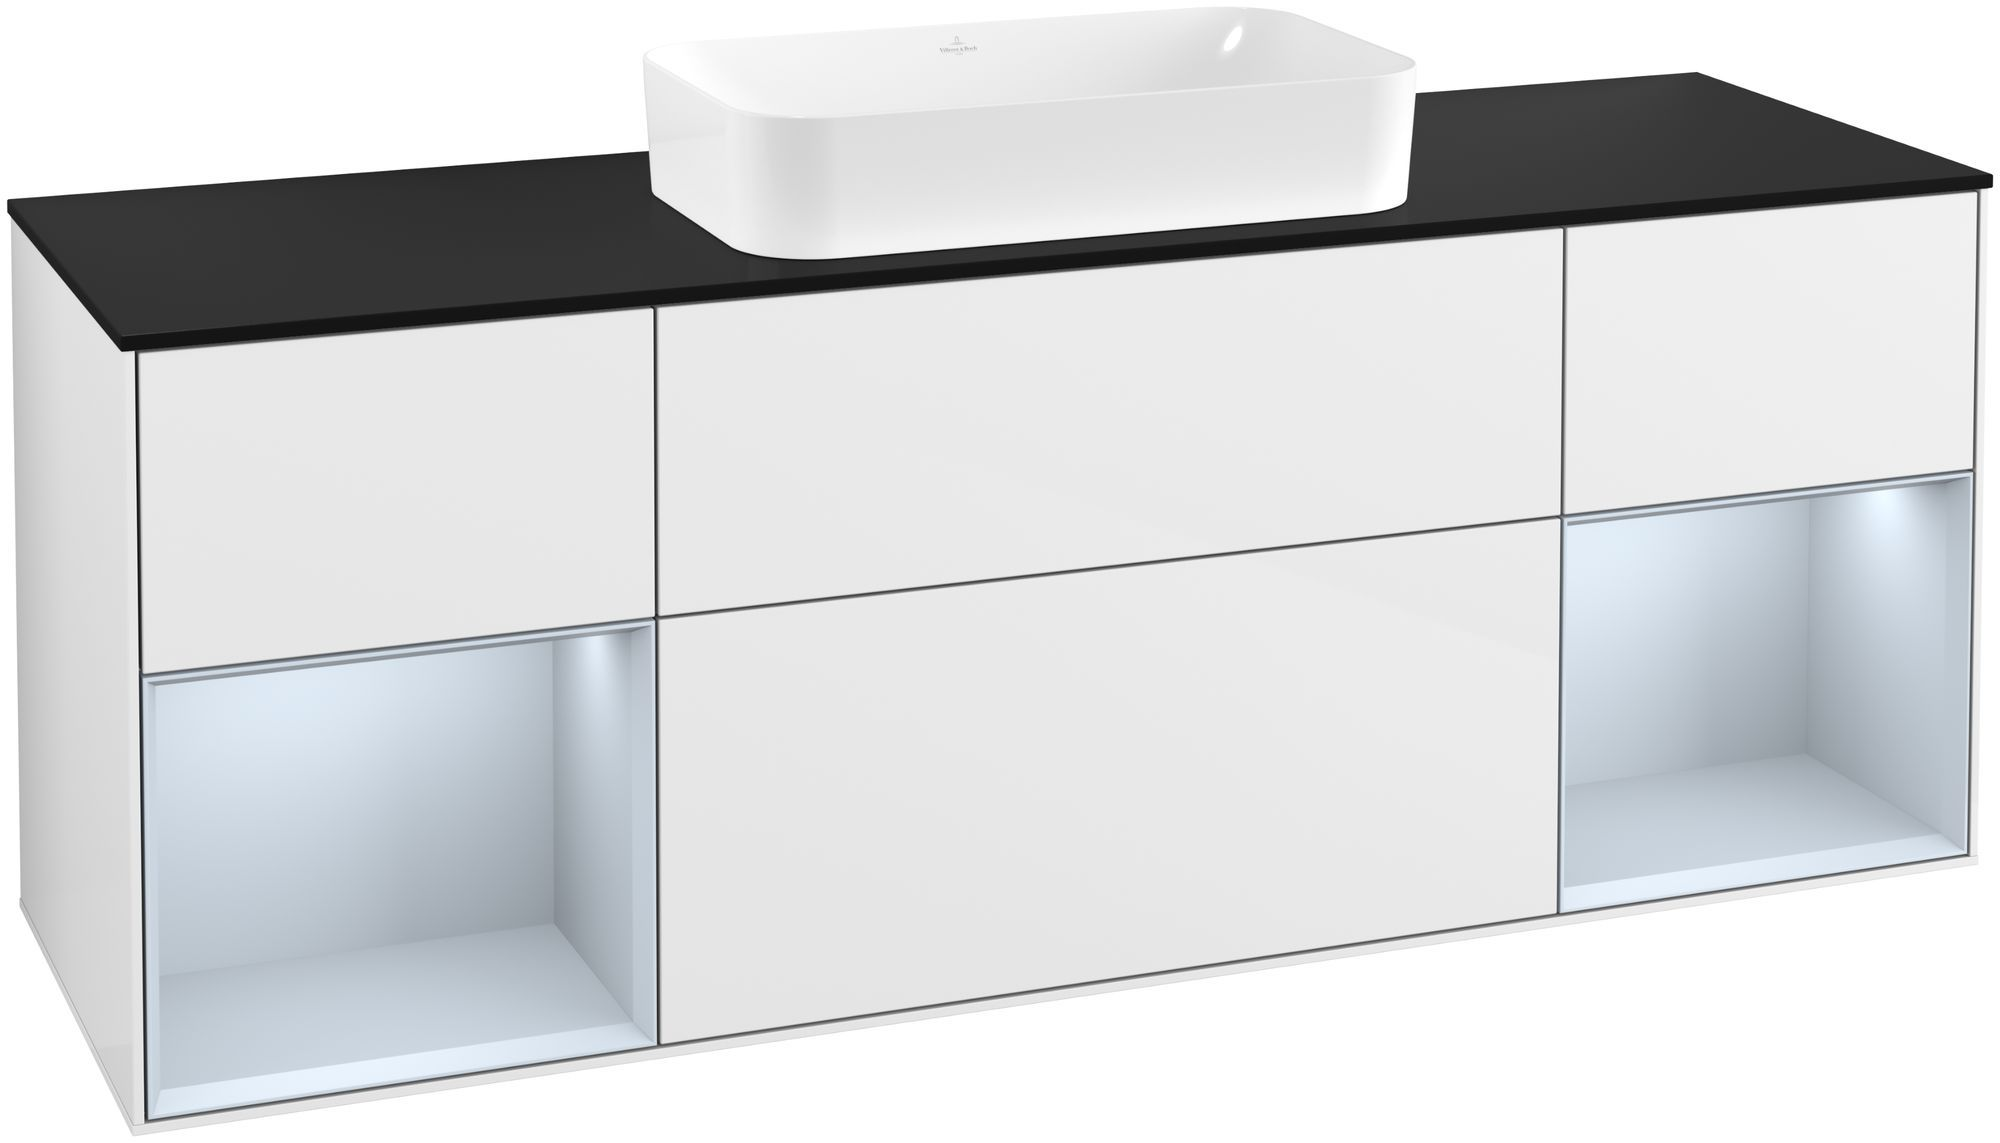 Villeroy & Boch Finion G33 Waschtischunterschrank mit Regalelement 4 Auszüge Waschtisch mittig LED-Beleuchtung B:160xH:60,3xT:50,1cm Front, Korpus: Glossy White Lack, Regal: Cloud, Glasplatte: Black Matt G332HAGF